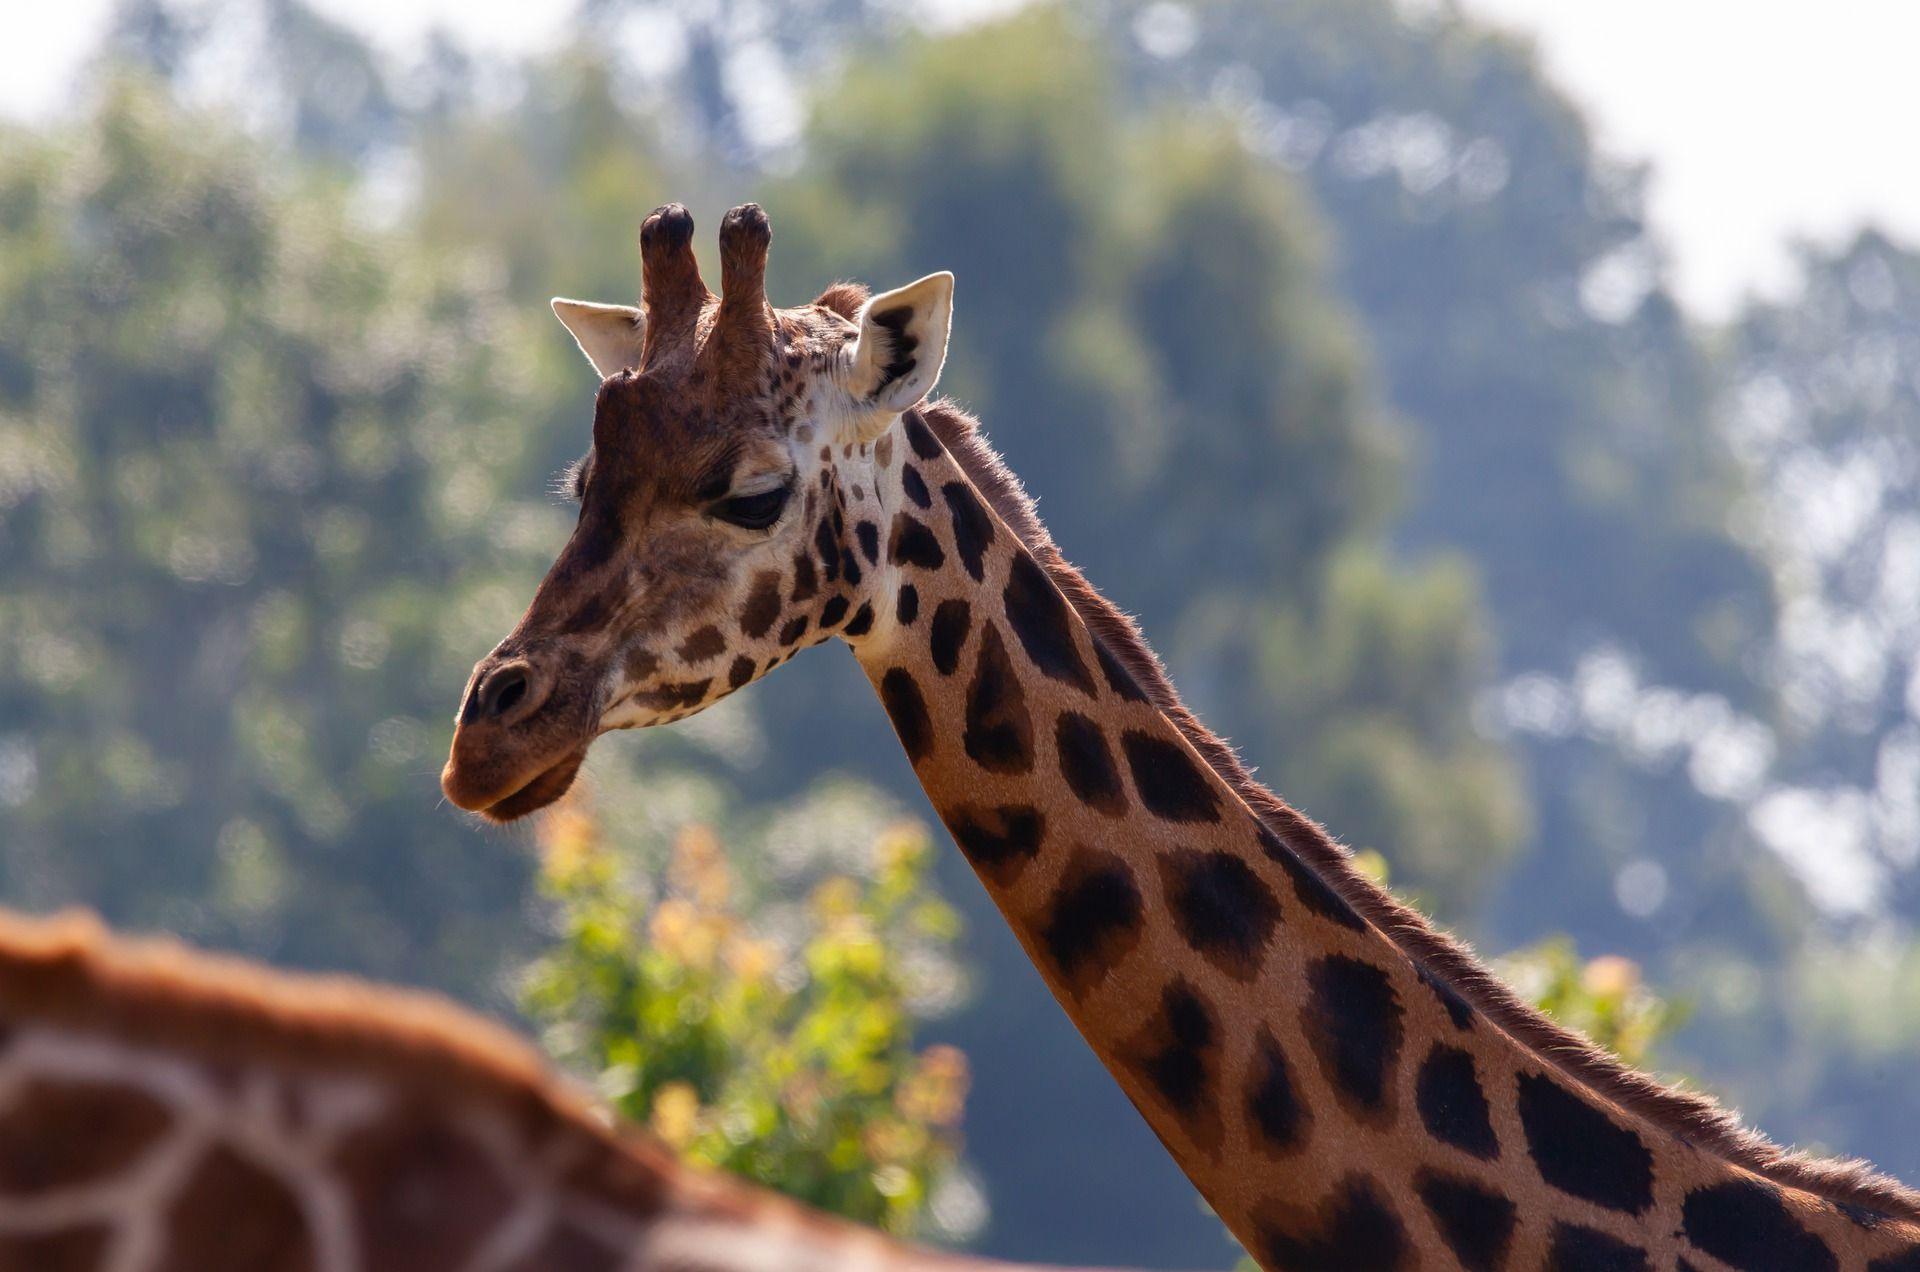 Insel sinkt: Giraffen im Boot abtransportiert